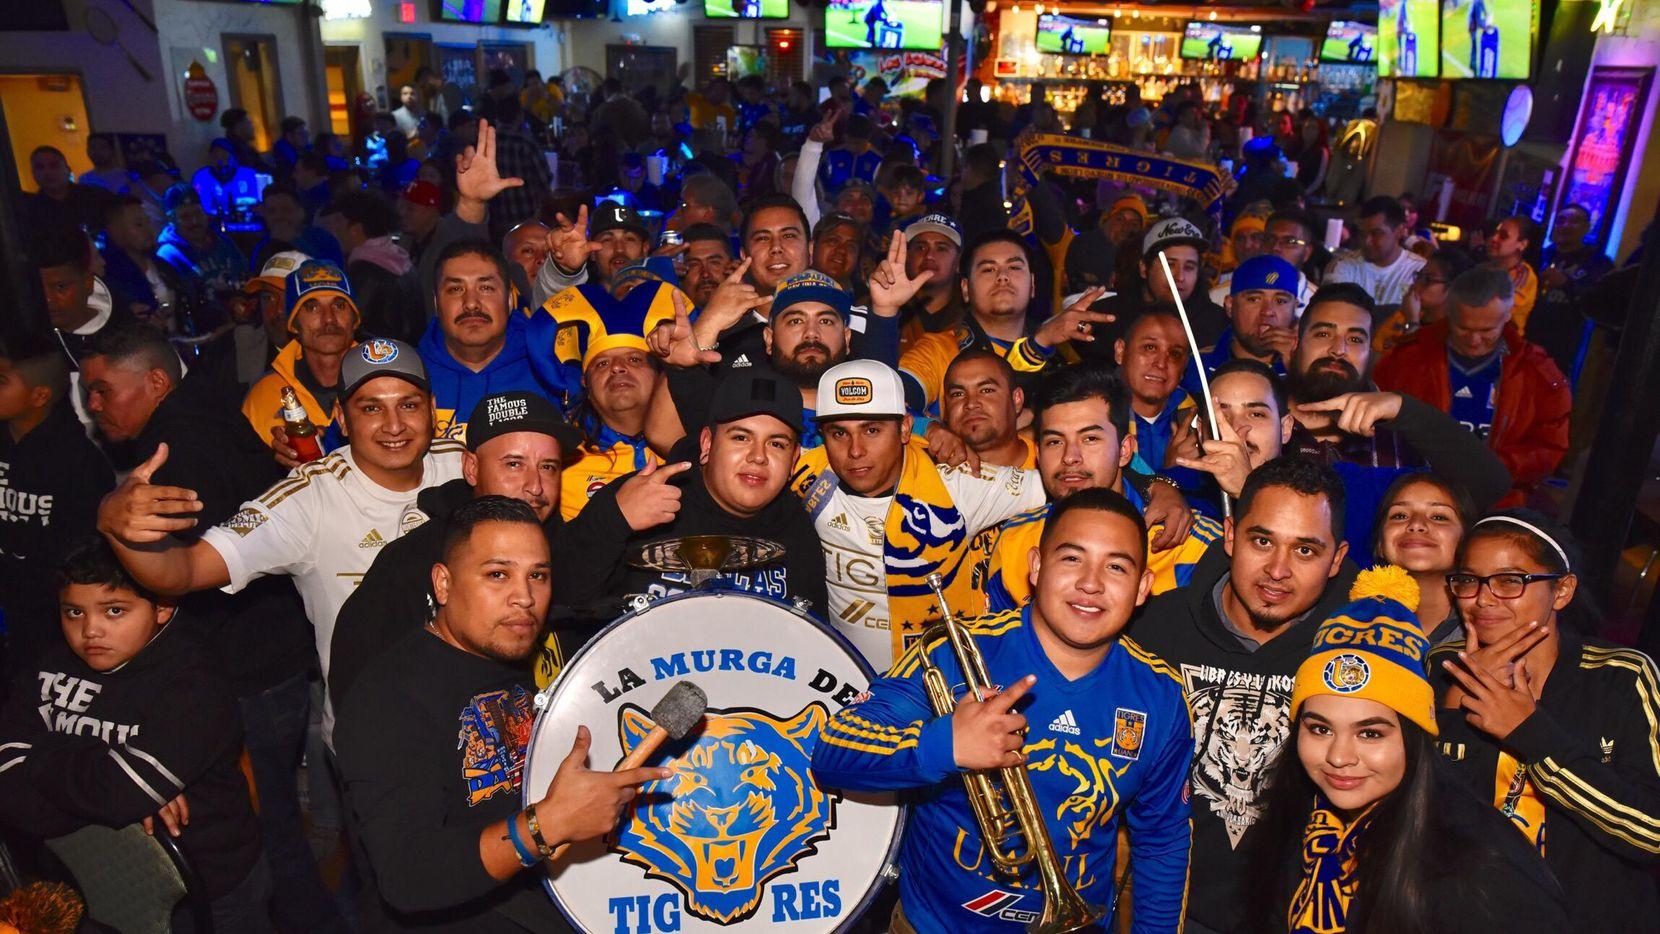 """Miembros de la barra local """"Libres y Lokos"""" de los Tigres se reúnen para apoyar a su equipo en el bar Los Balones de Dallas. (ESPECIAL PARA AL DÍA/Ben Torres)"""